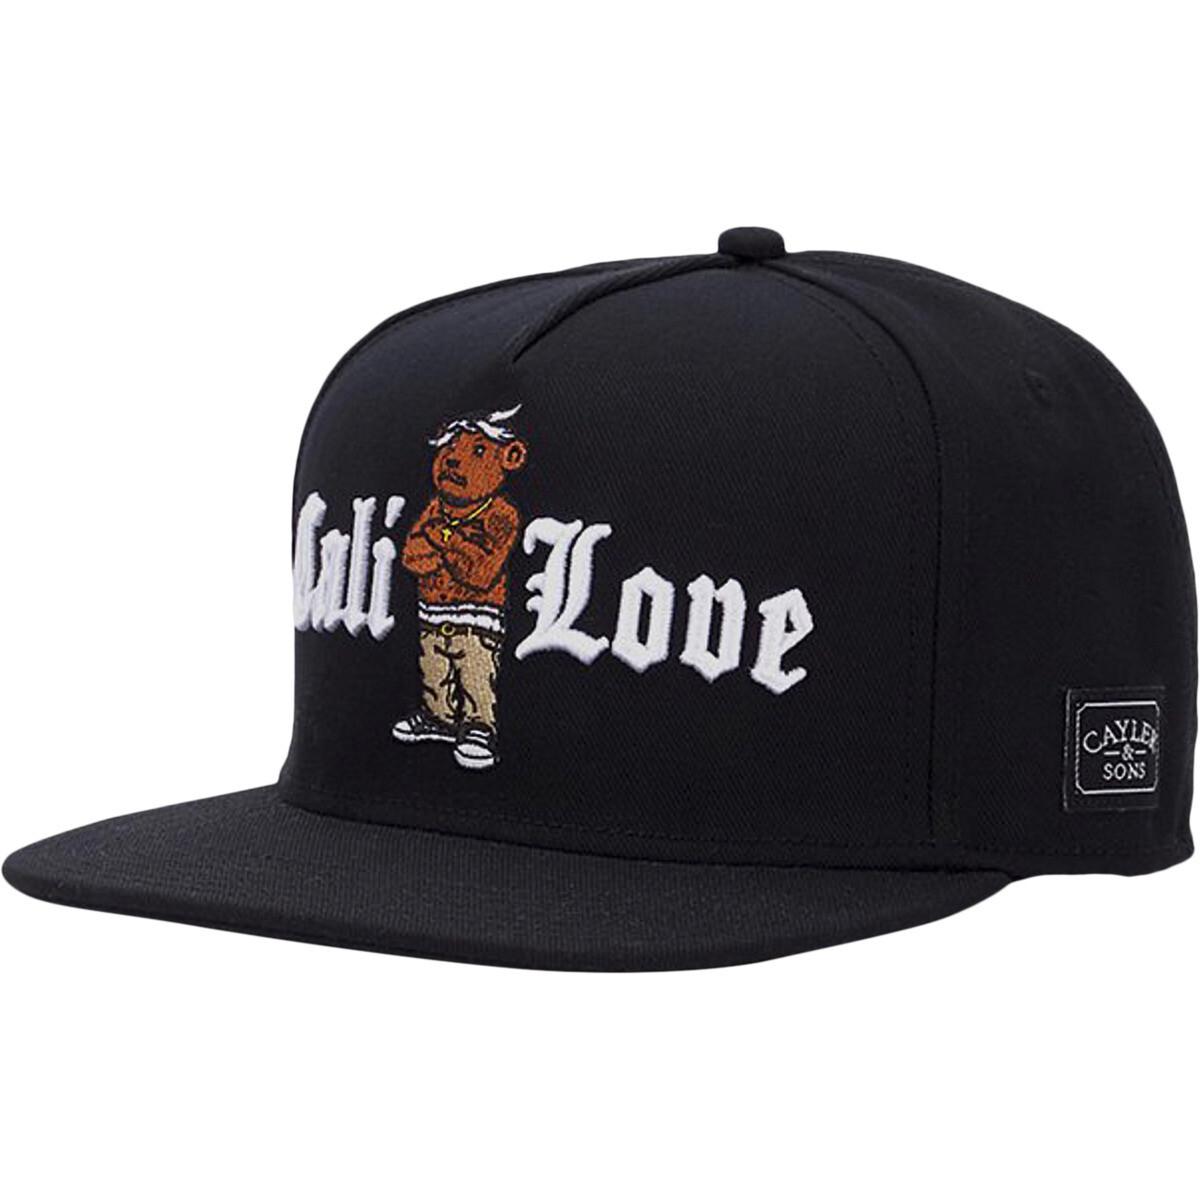 C&S WL Cee Love Cap